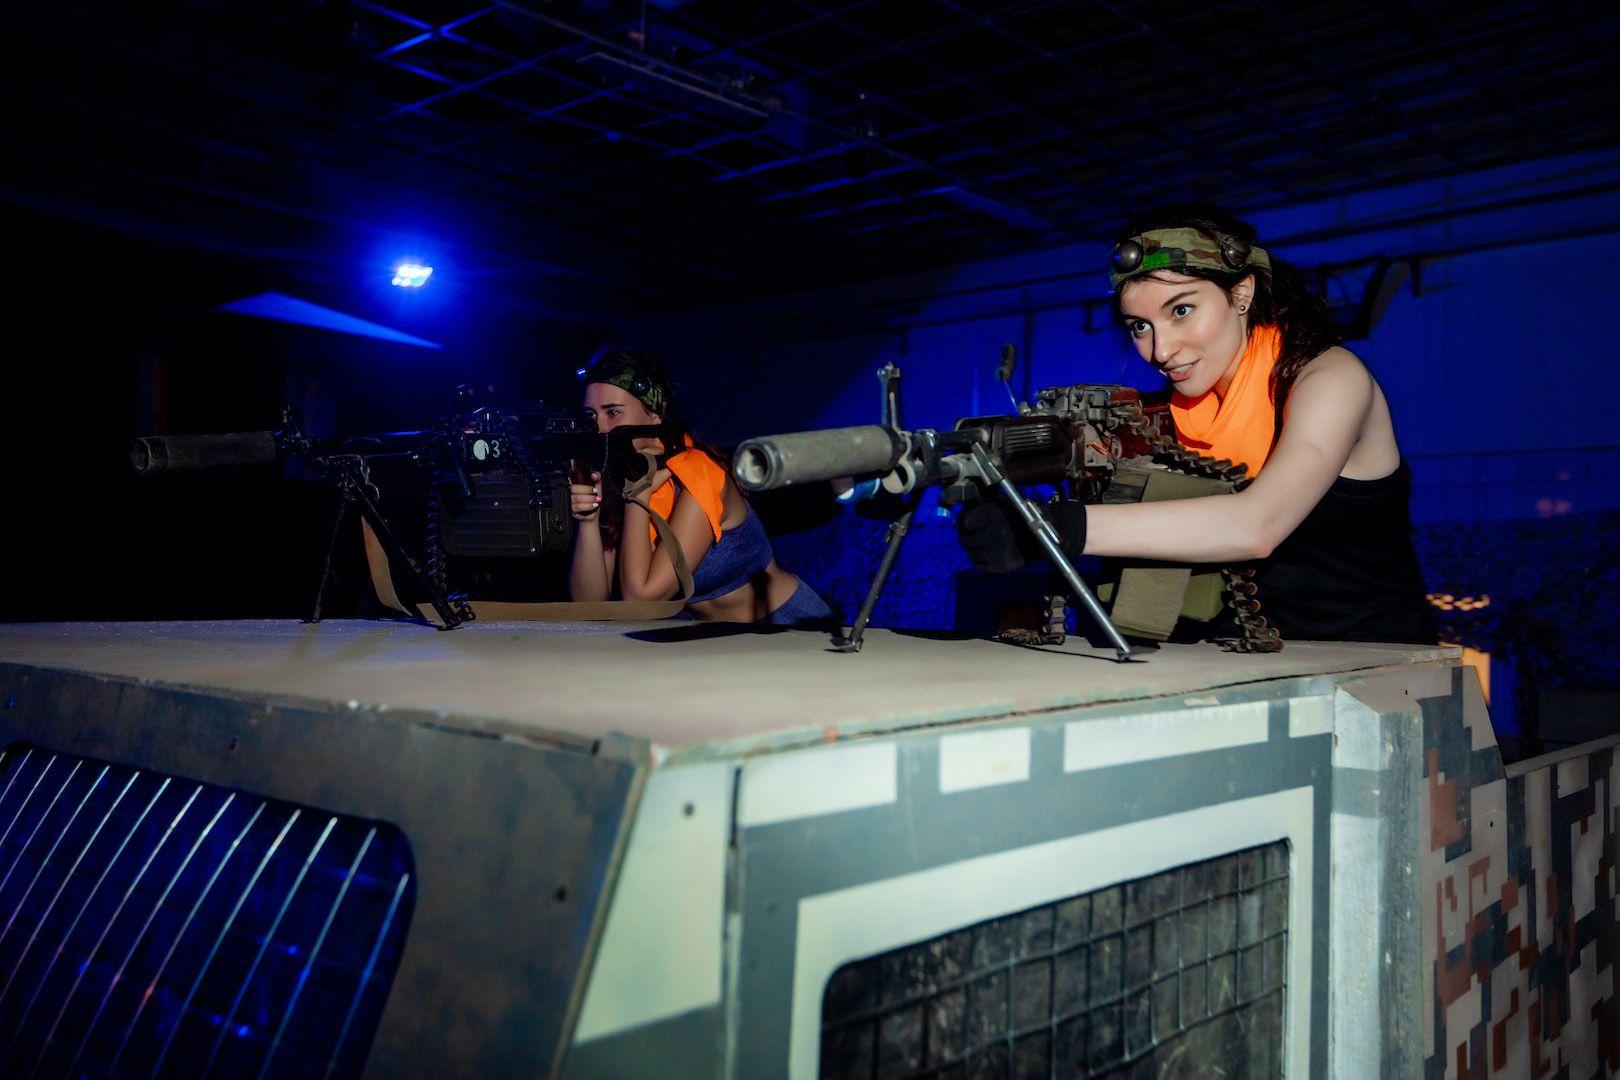 Открытые игры по лазертагу в клубе «Лабиринт» фото 1